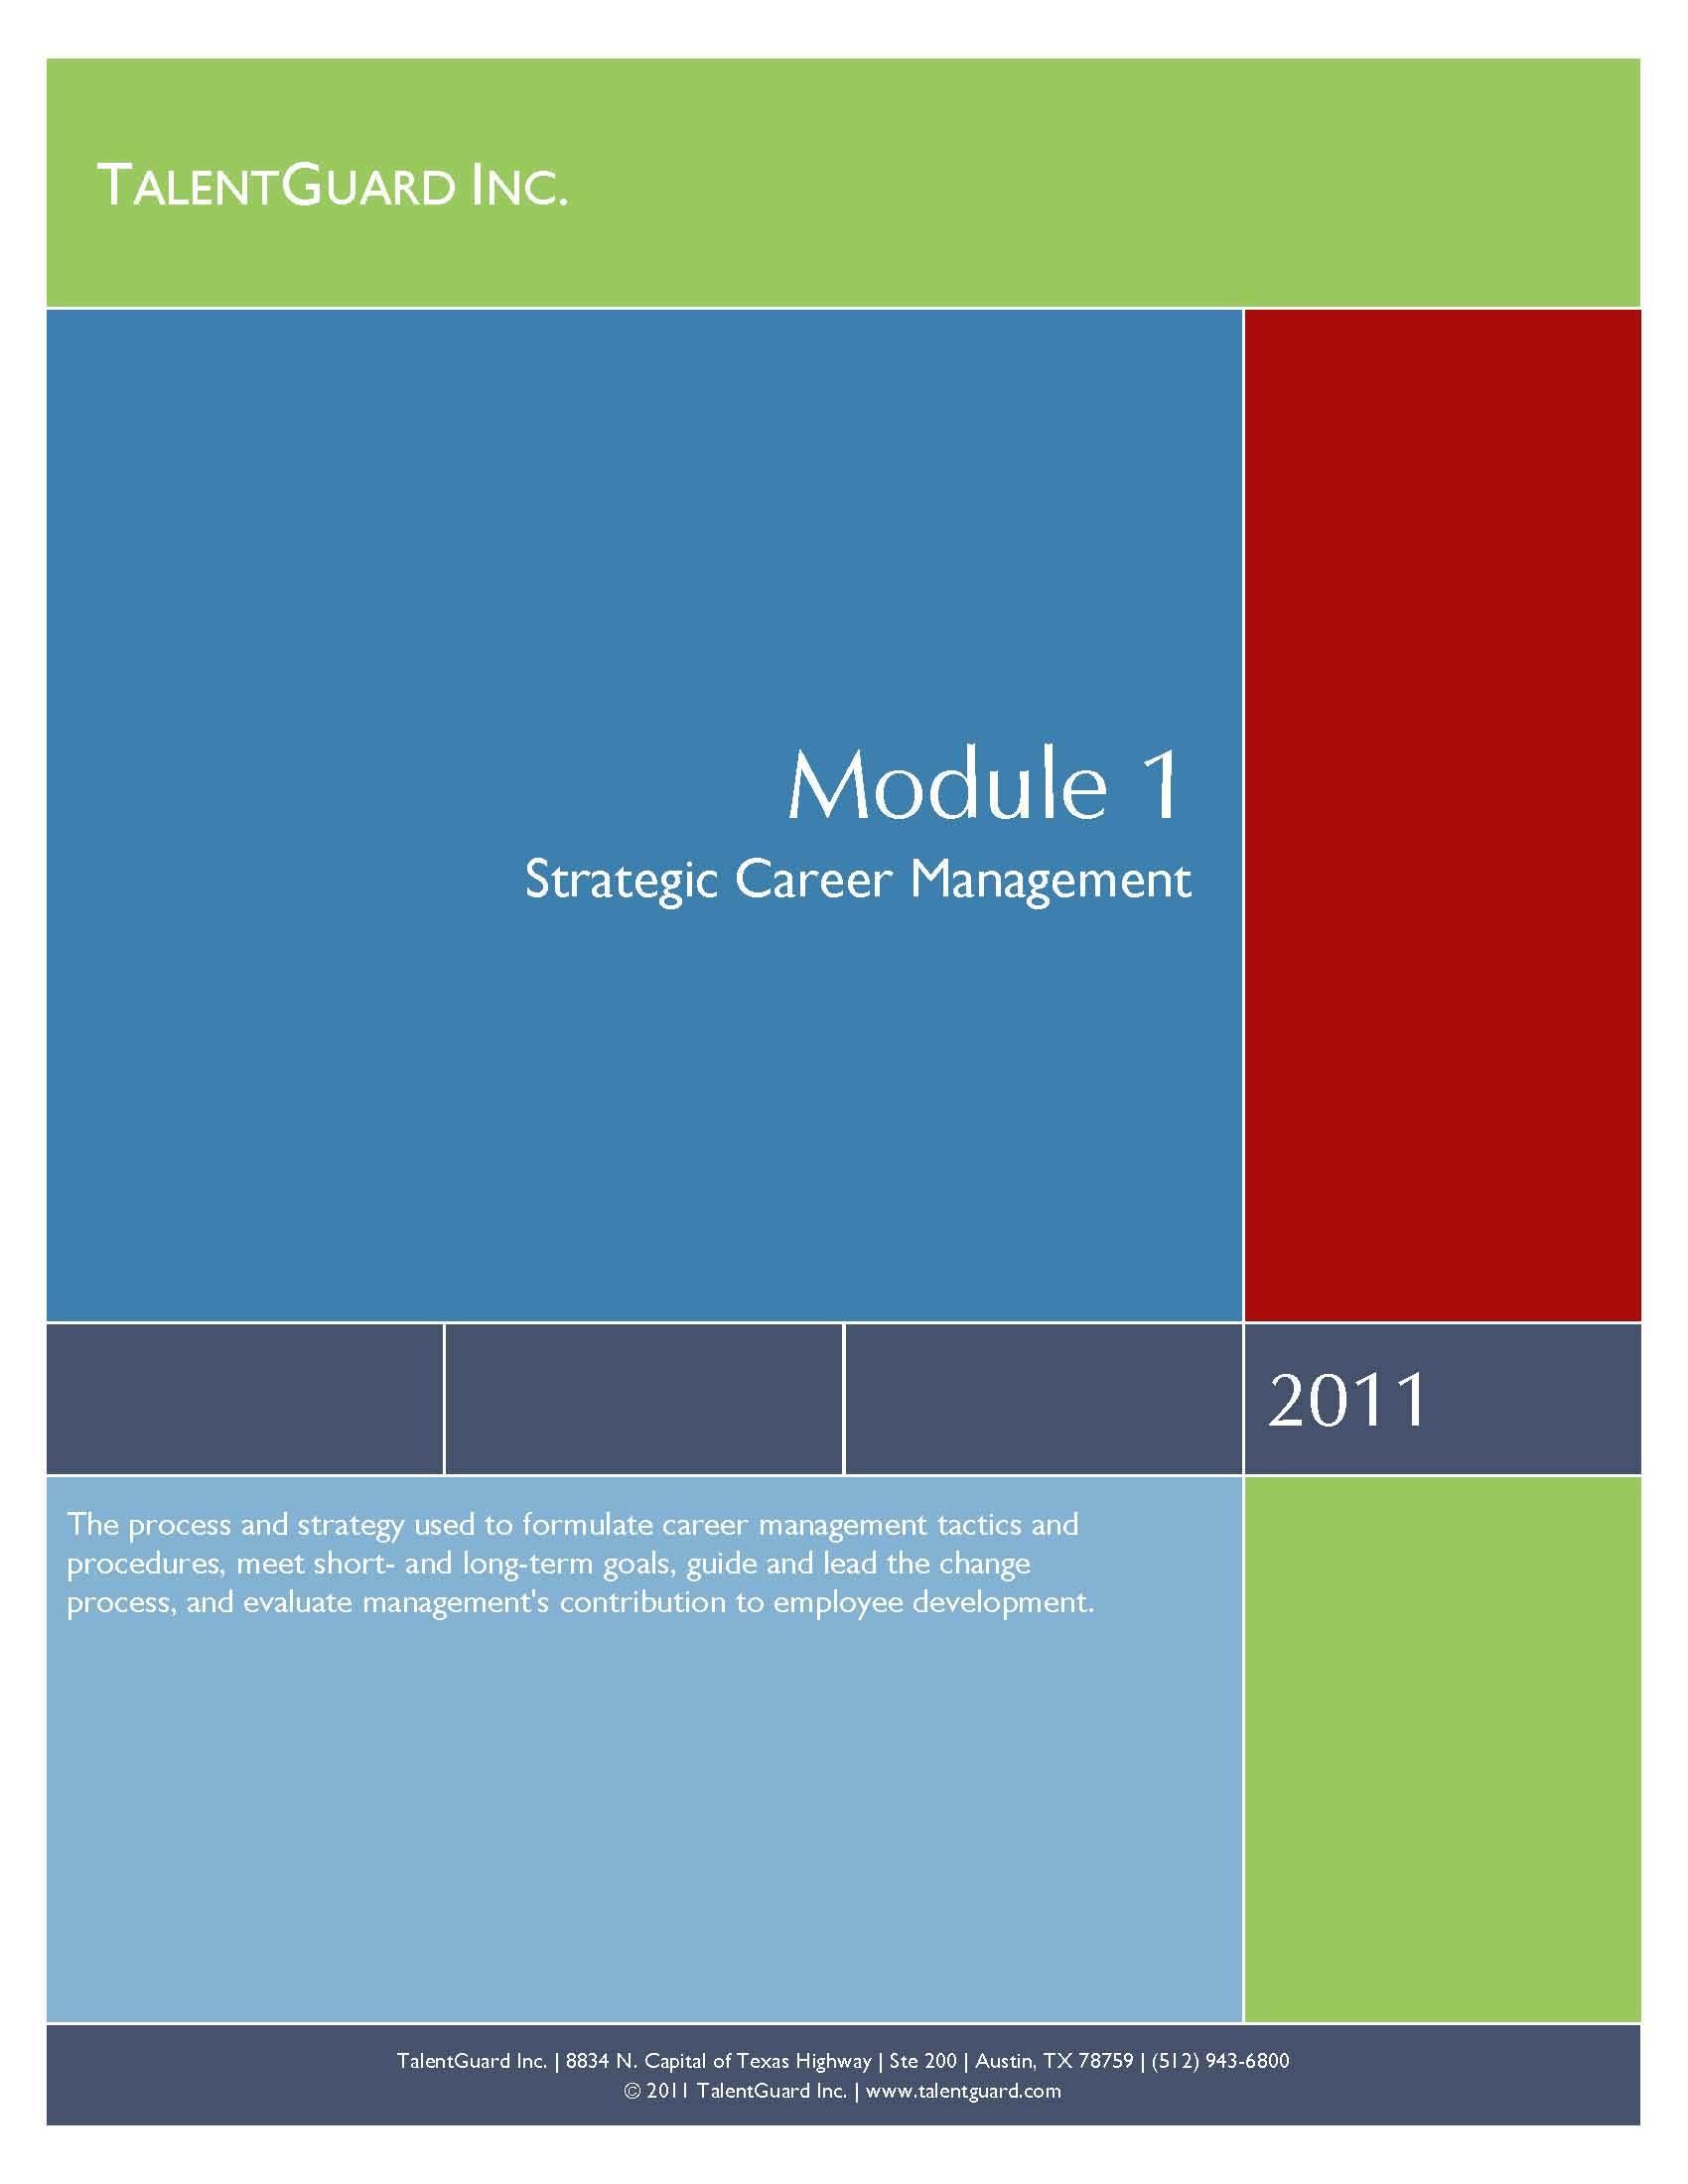 Strategic Career Management Module 004200